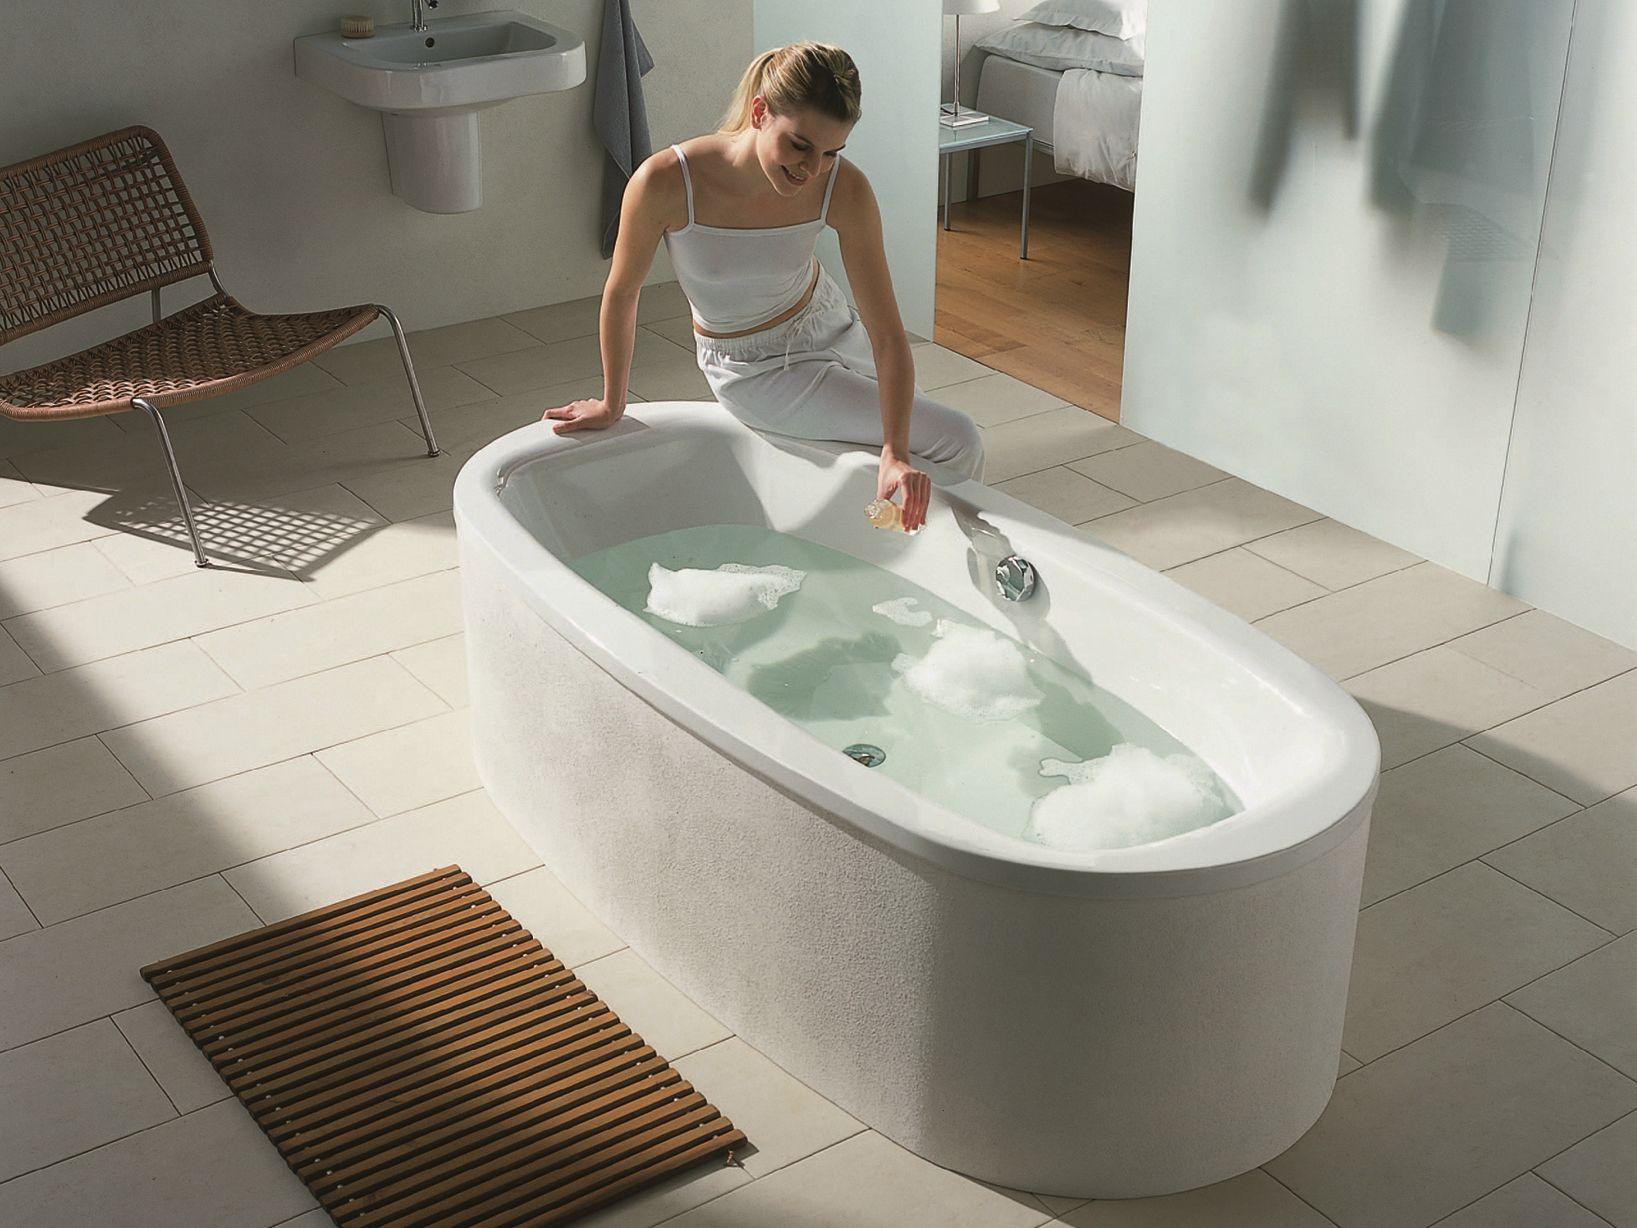 Vasca da bagno centro stanza ovale bettesteel oval by bette - Vasche da bagno ovali ...